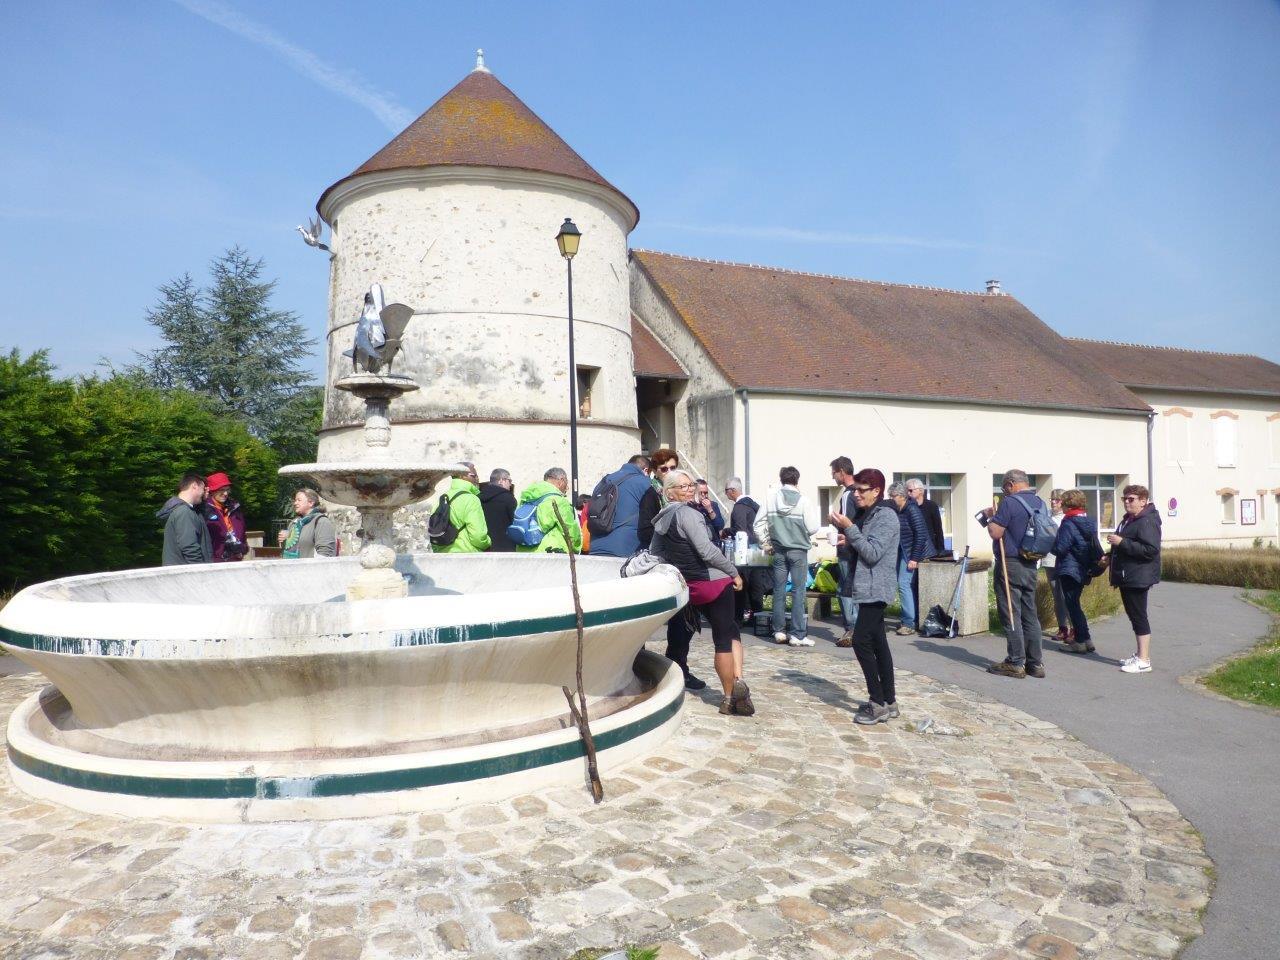 A Pavant, les marcheurs se laissent séduire par le charme d'une vieille fontaine et du pigeonnier.